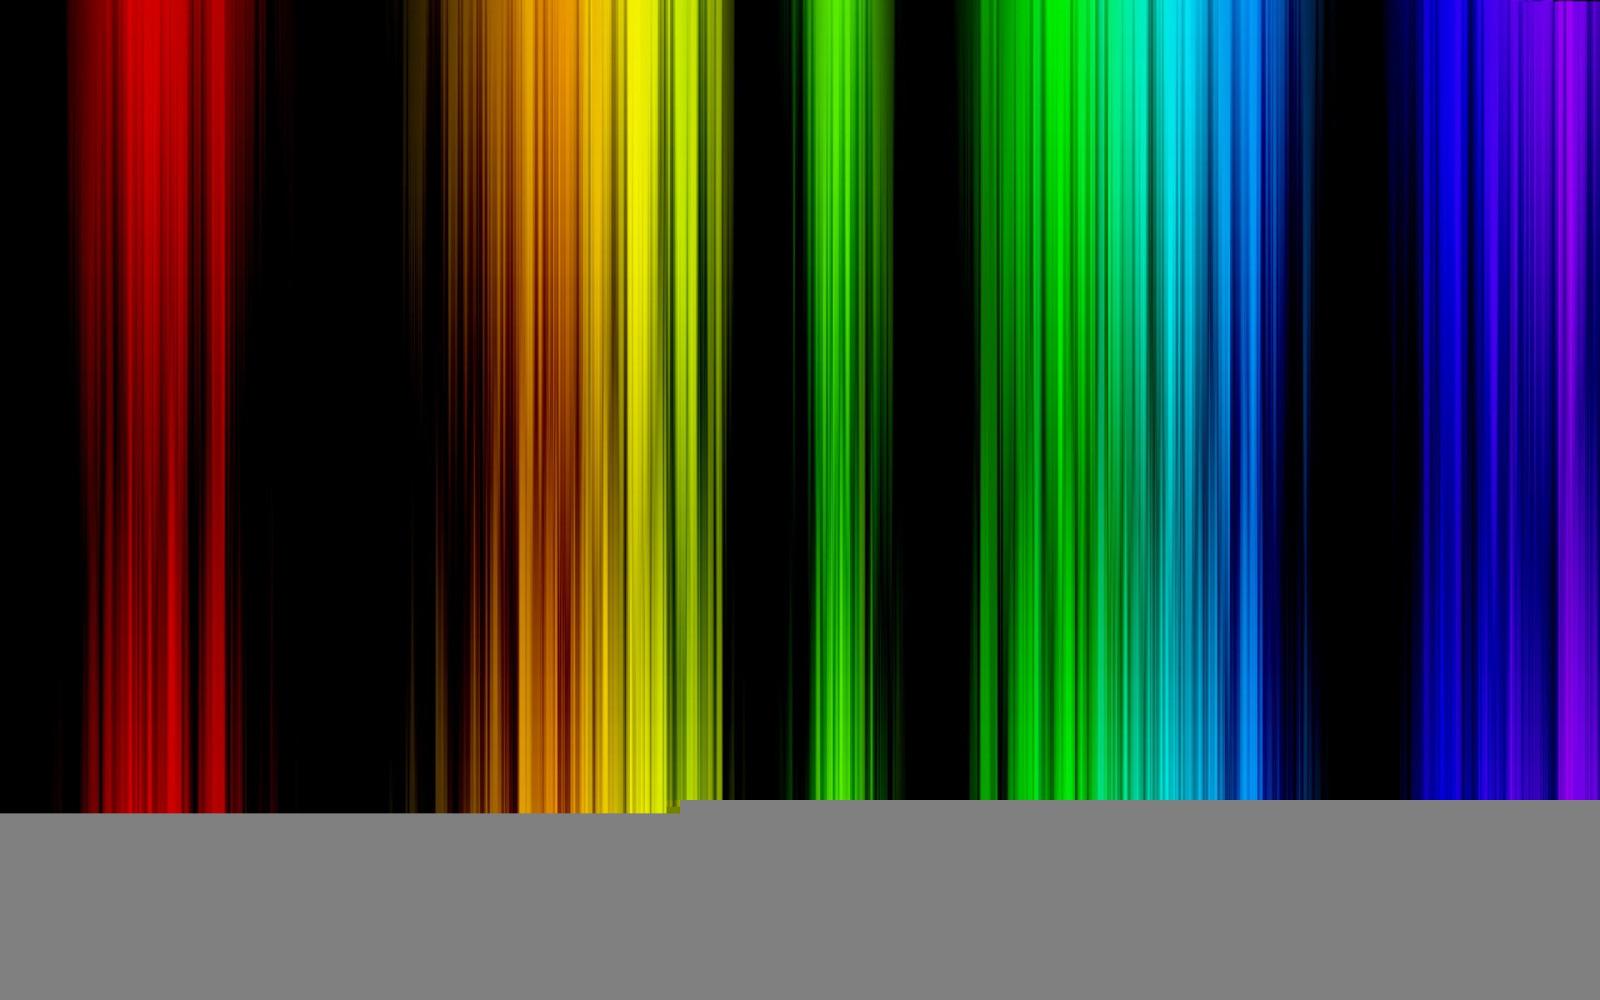 Sfondi Colorato Neon Astratto Testo Verde Modello Cerchio